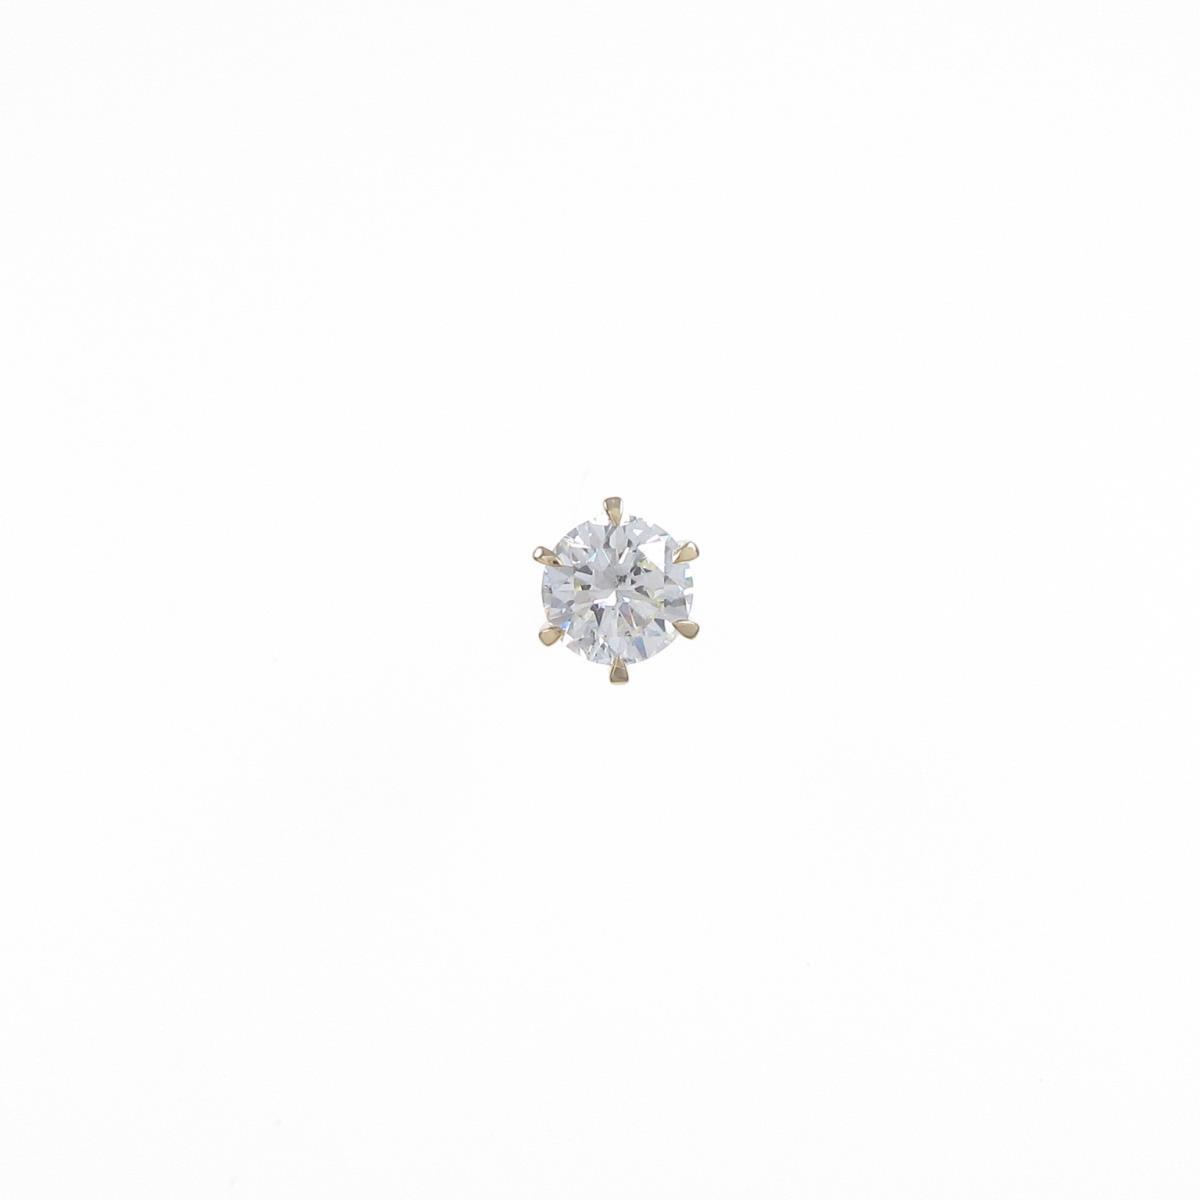 【リメイク】K18YG/STダイヤモンドピアス 0.515ct・L・SI1・GOOD 片耳【中古】